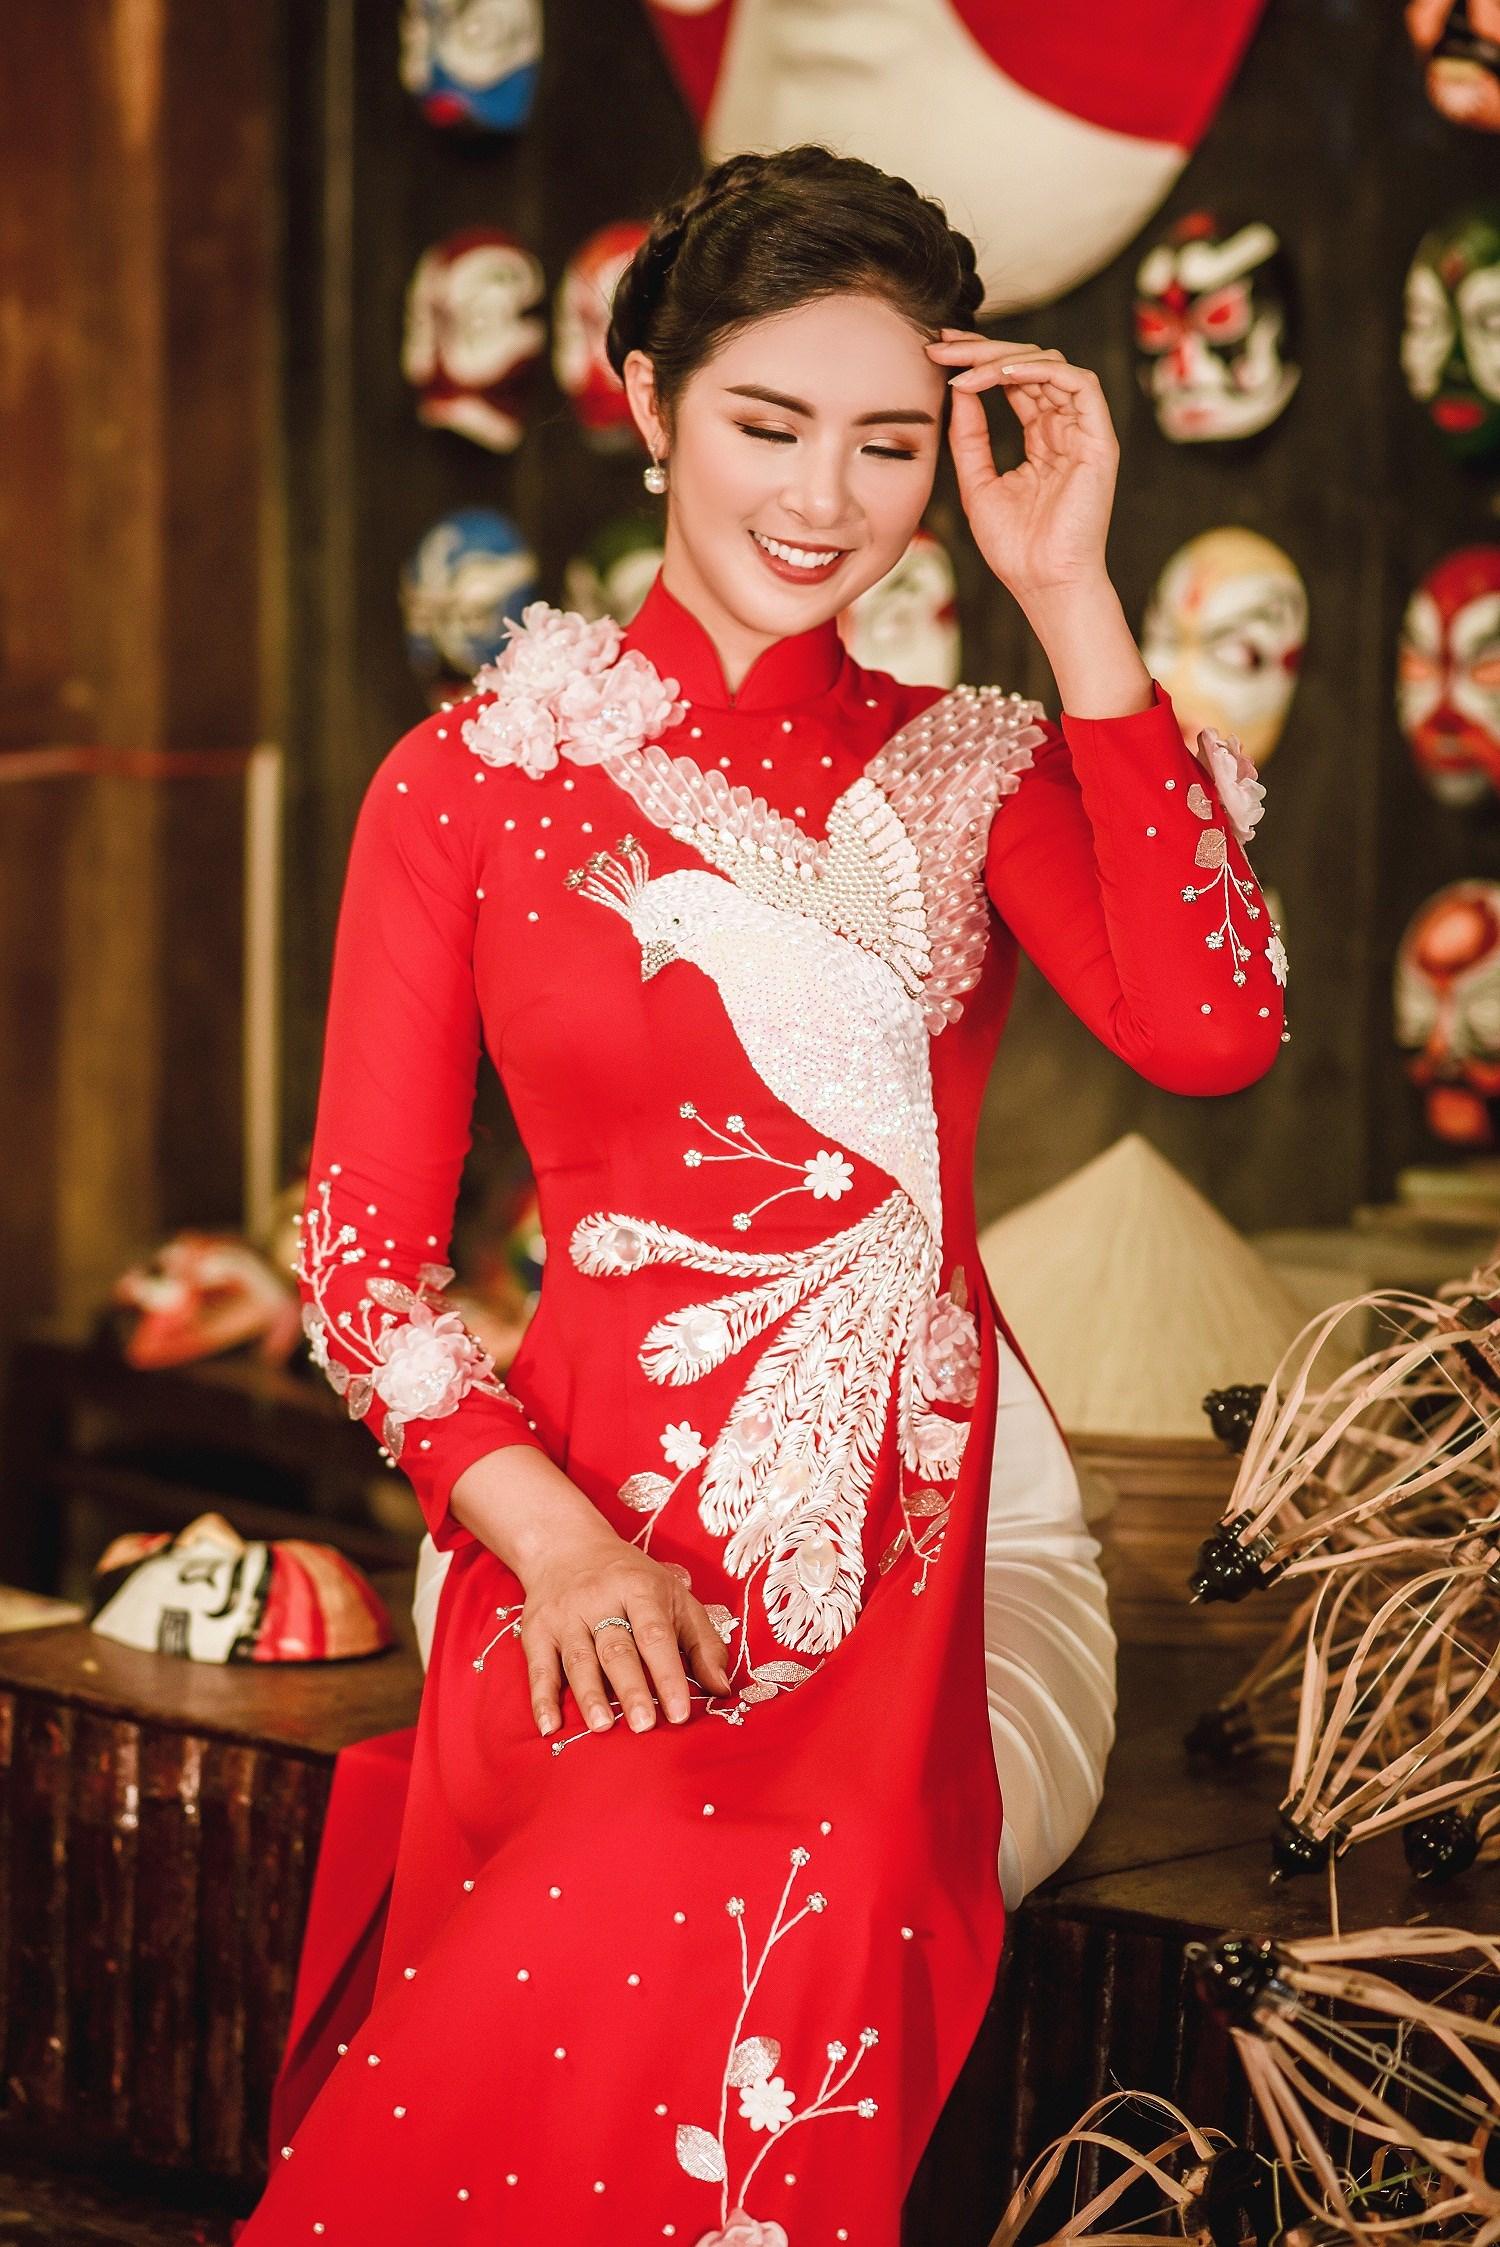 Hoa hậu Ngọc Hân thiết kế áo dài lấy cảm hứng từ cuộc đời Đức Phật Thích Ca Ảnh 2